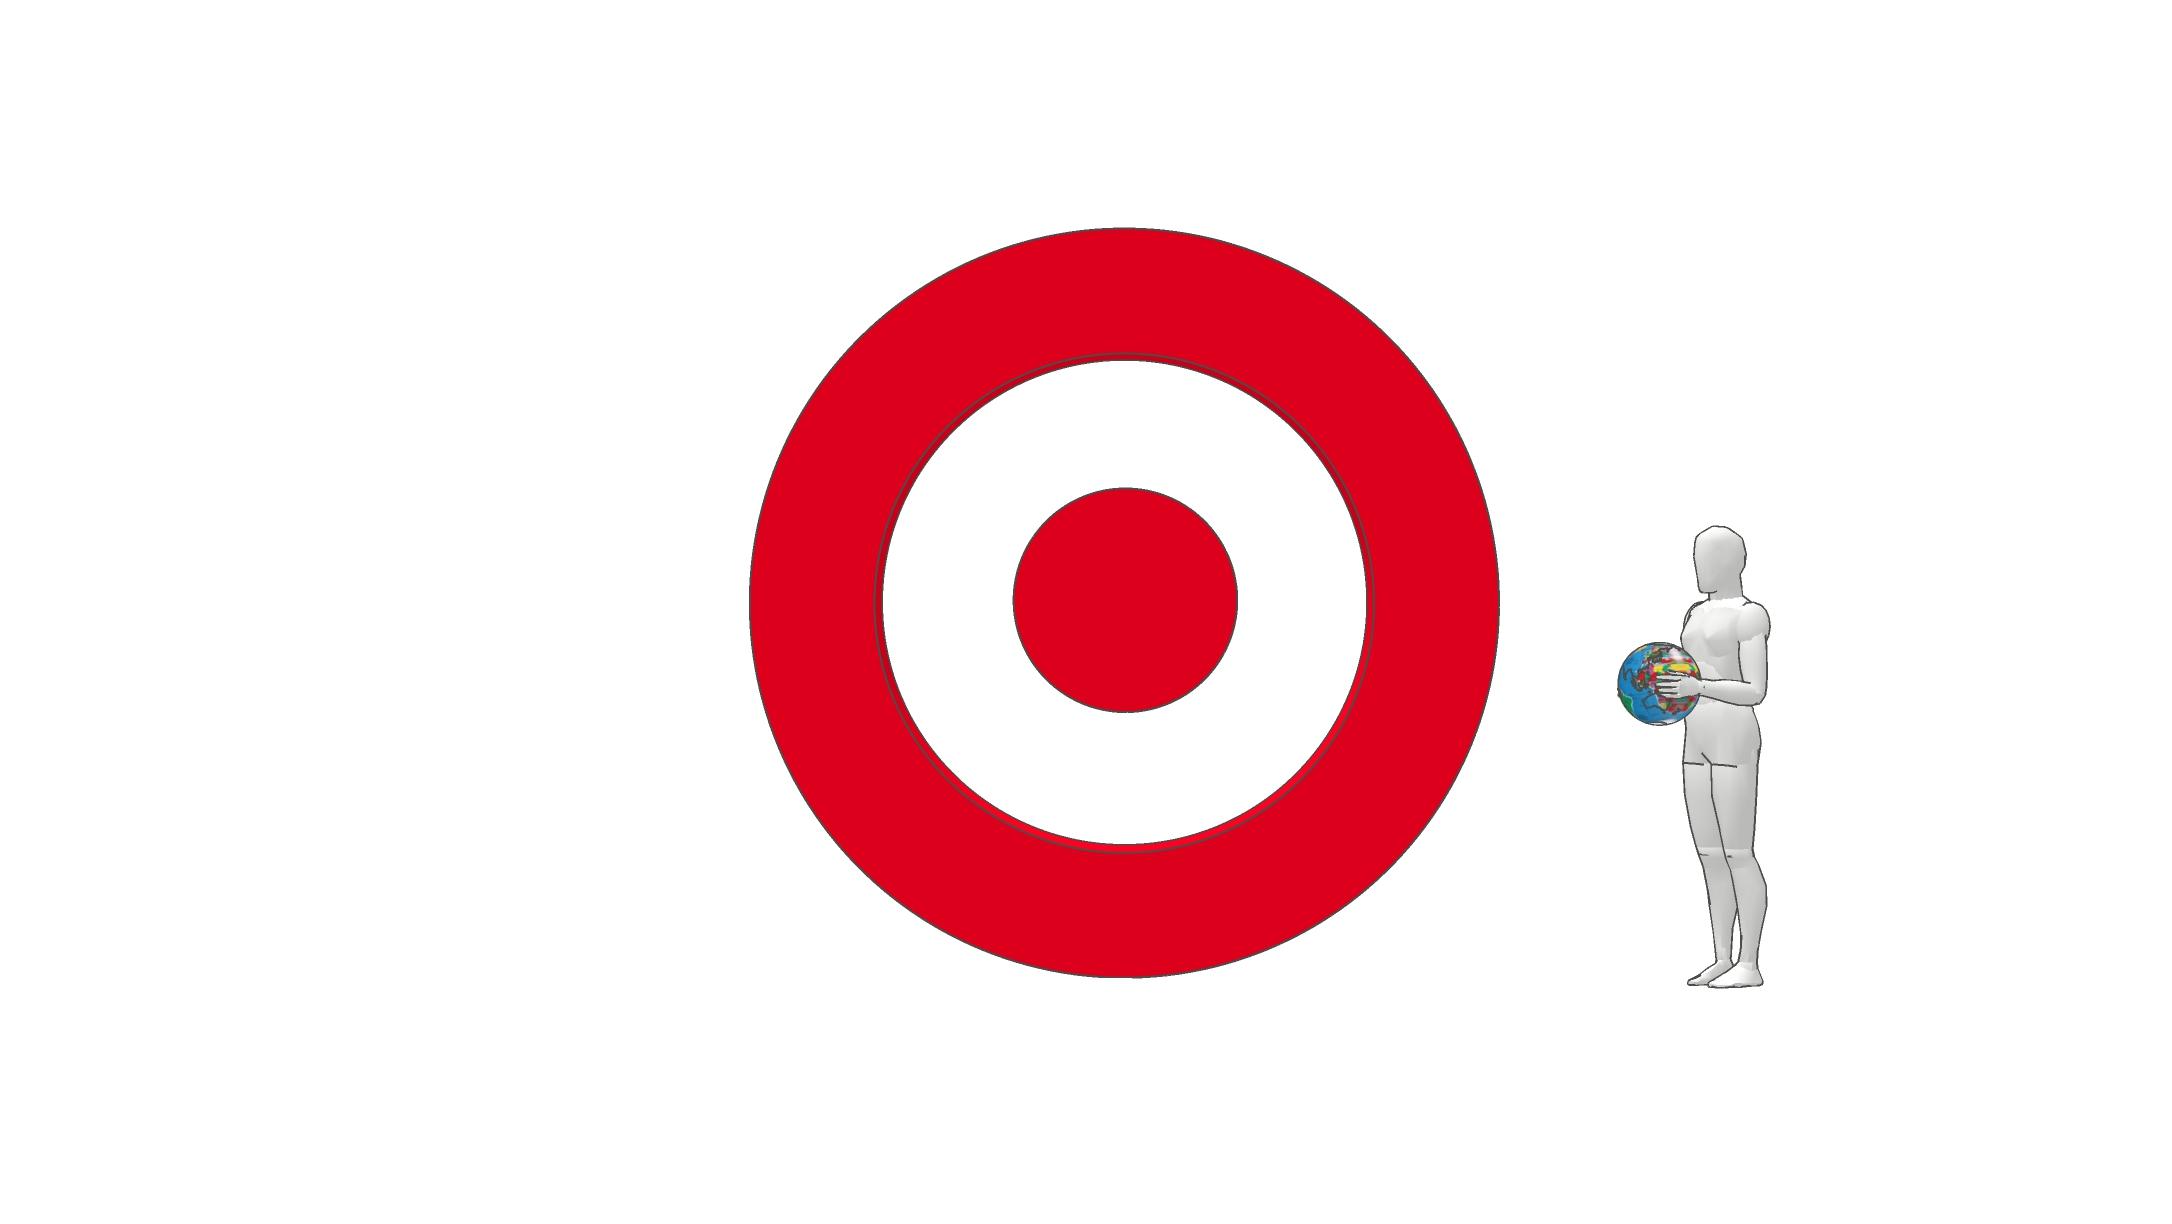 Target v16 - 9C.jpg